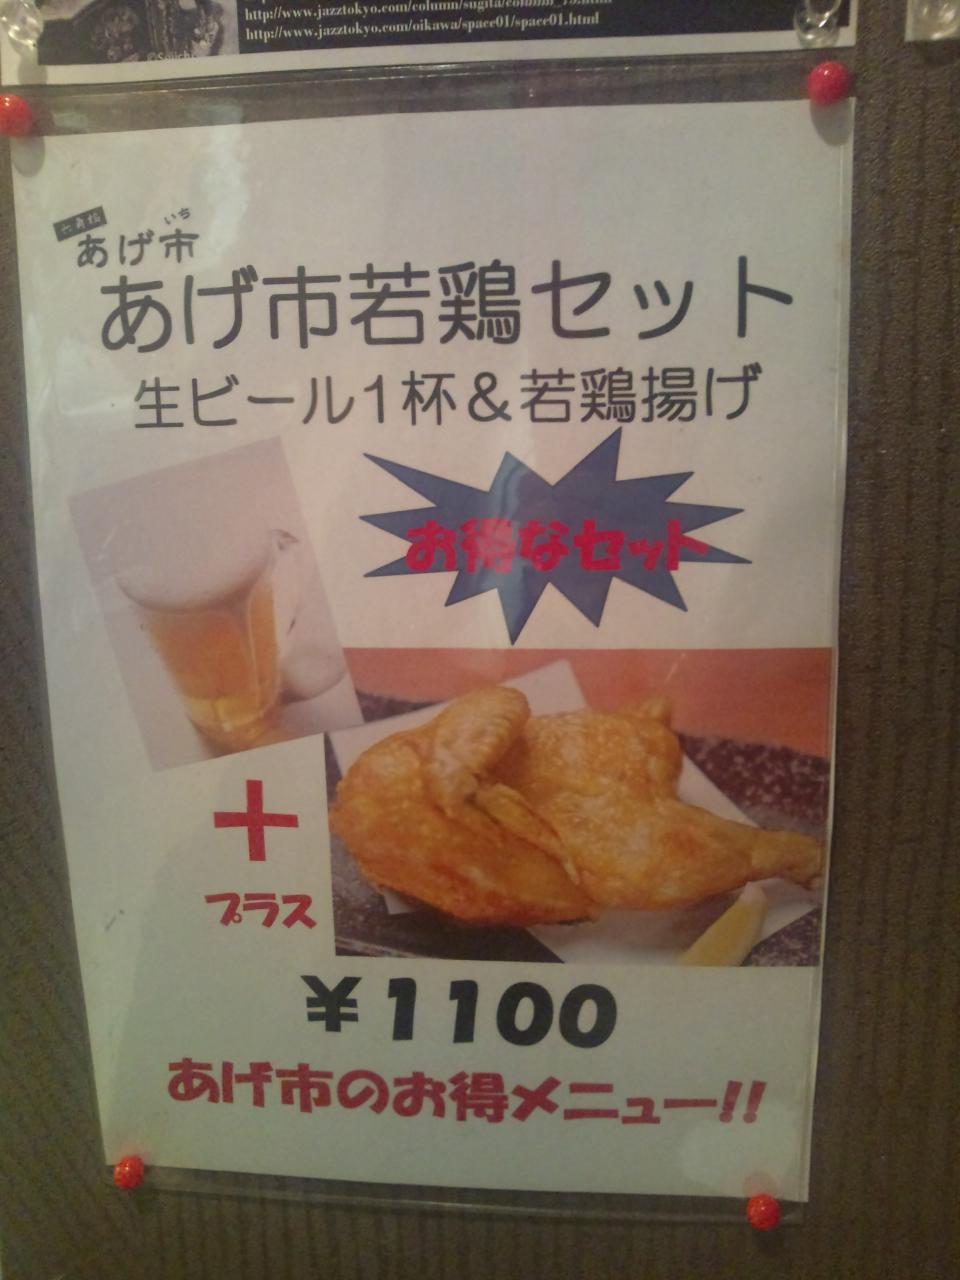 あげ市六角橋店(メニュー)